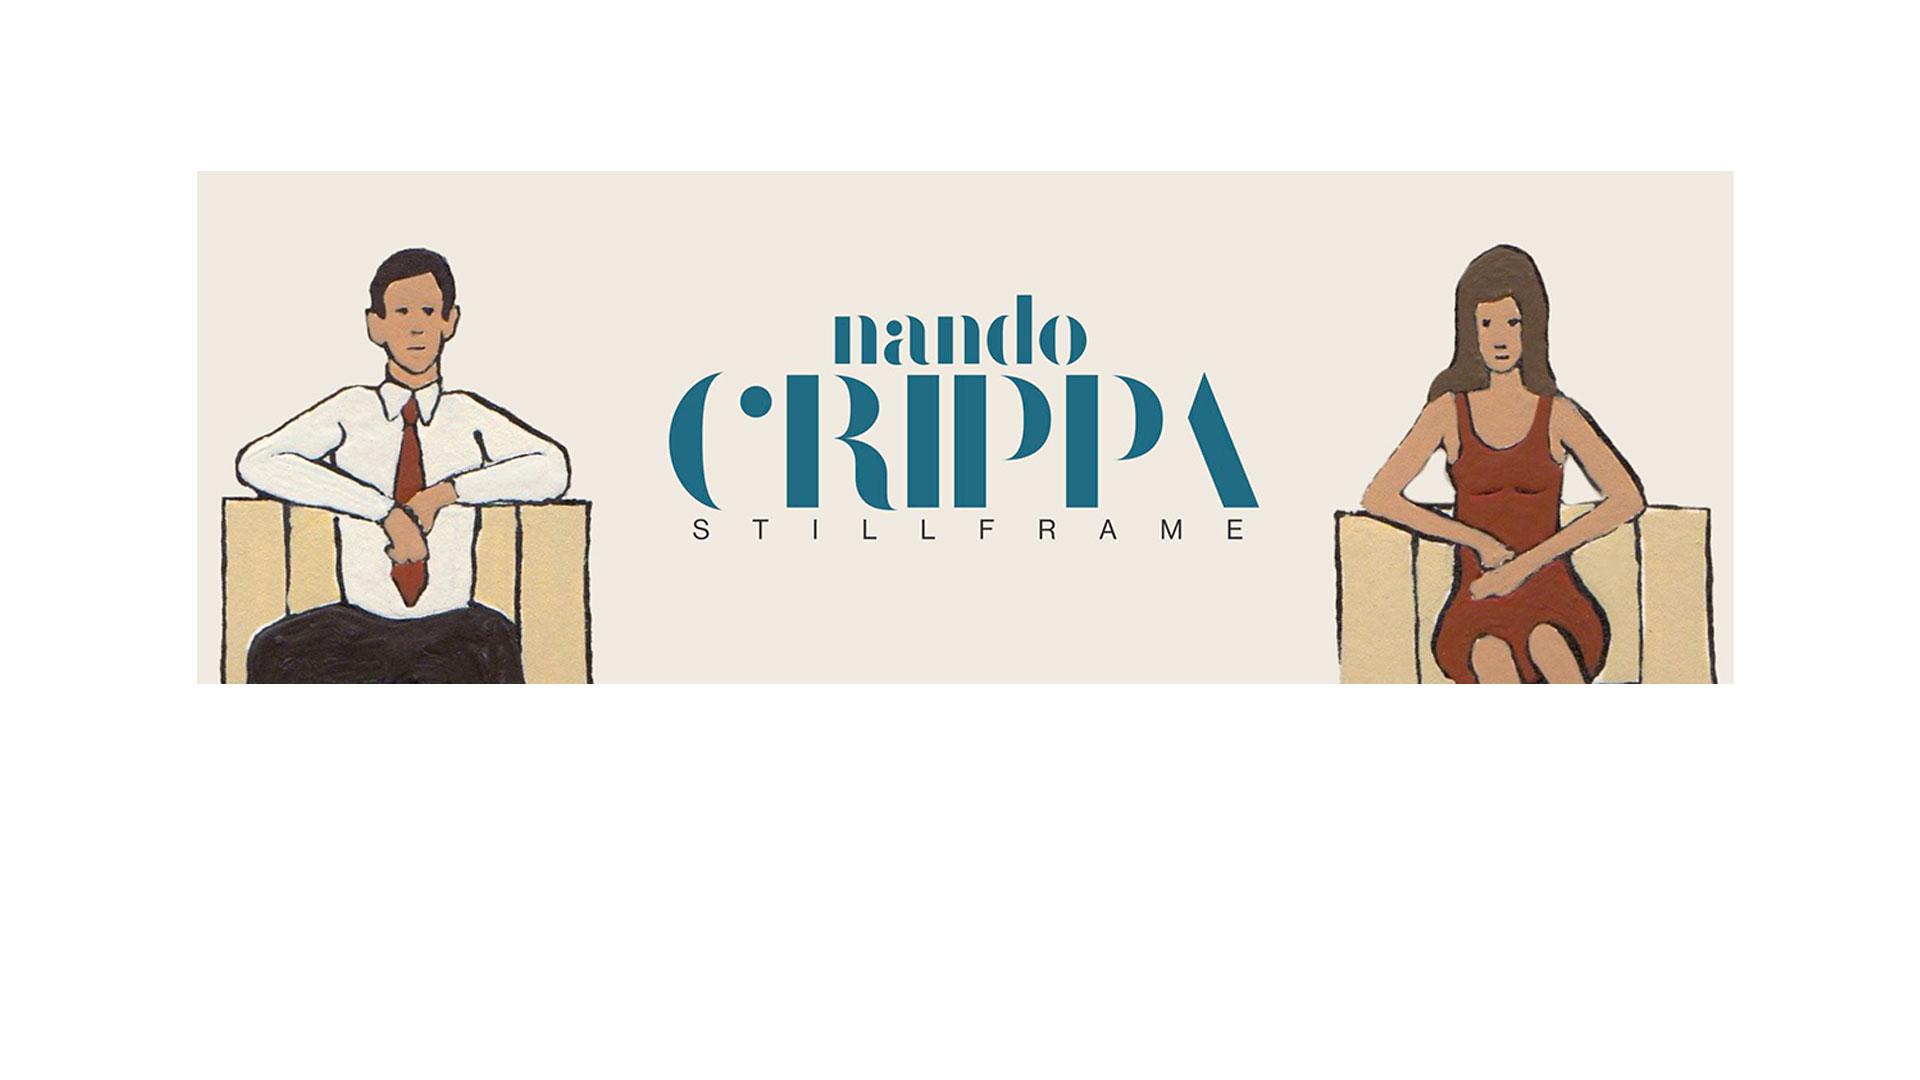 Nando Crippa – Still Frame